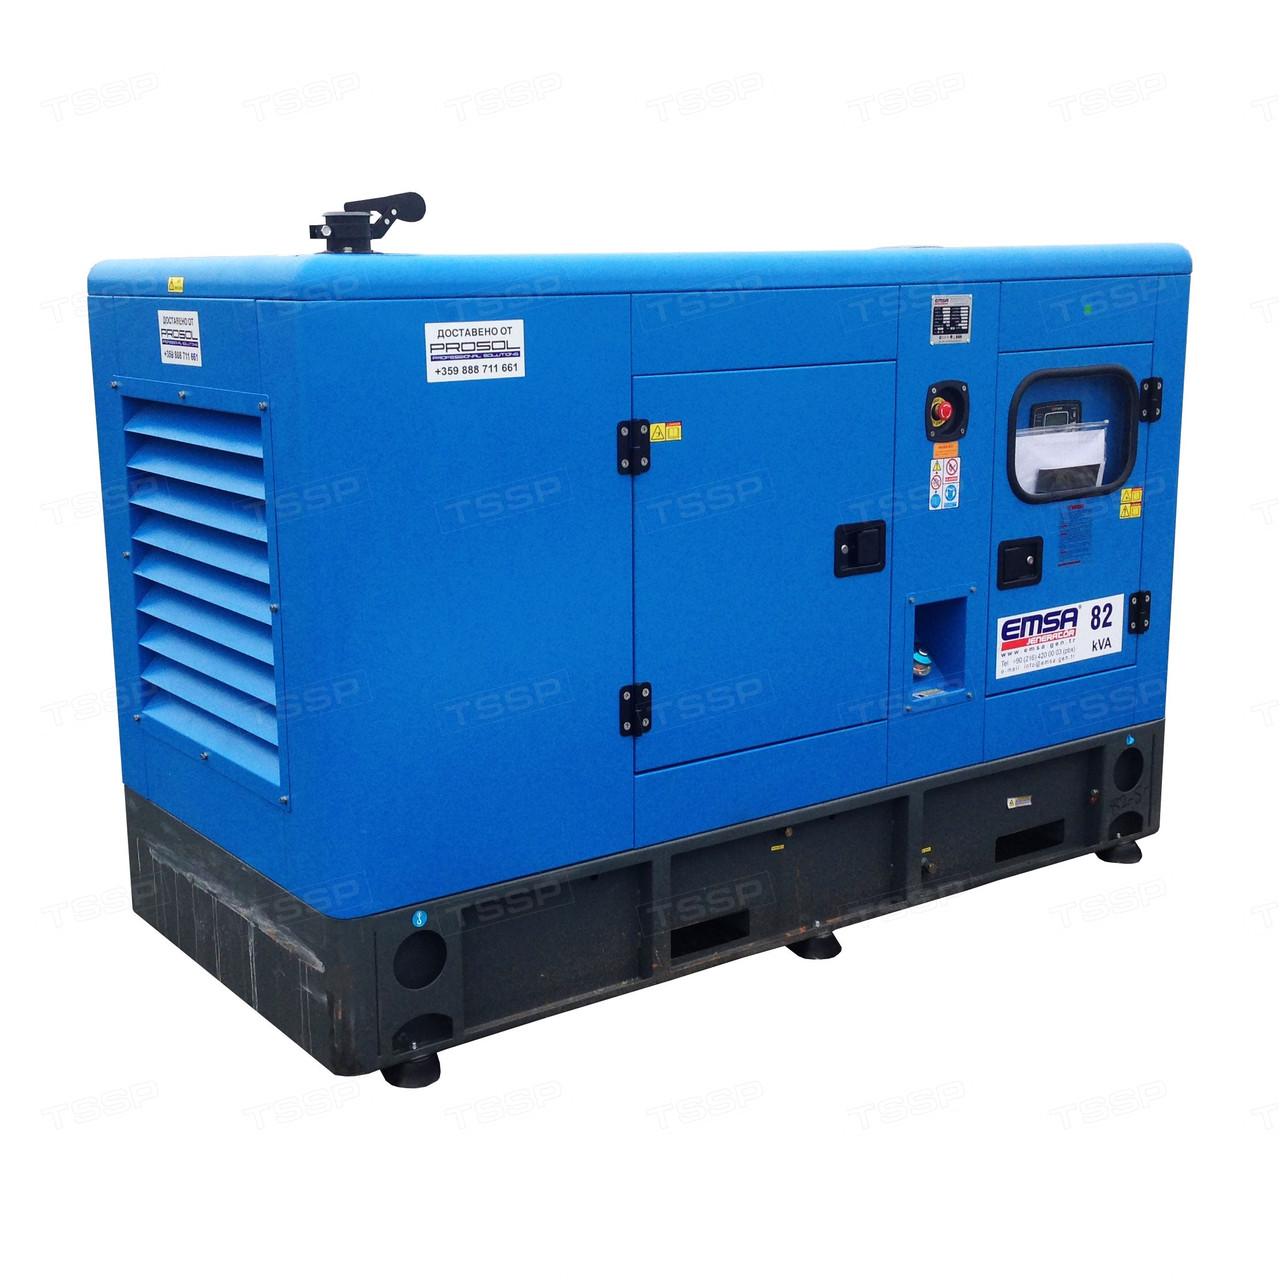 Дизельный генератор EMSA EN22 (16кВт)